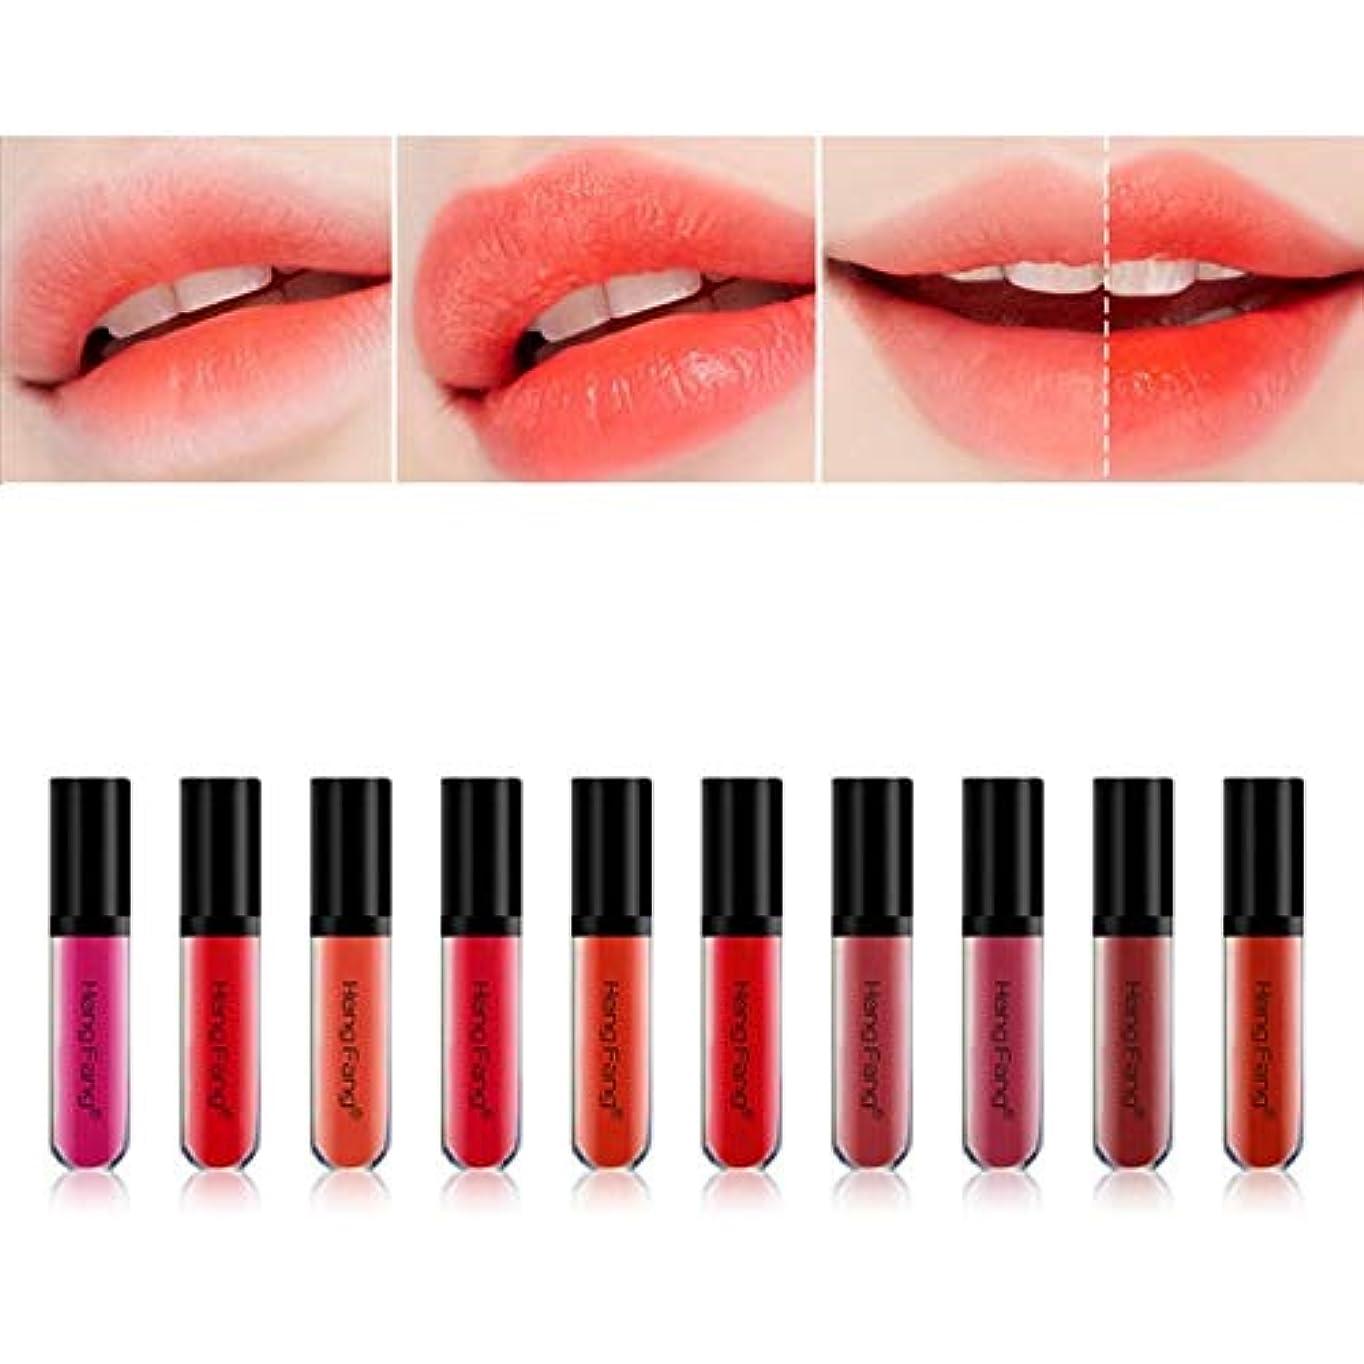 モート強打ギャングSemperole - 新しい10個/セットリキッド口紅マットの唇美容ラスティングメイクアップ色合いリップグロスモイスチャ防水ロングスティック